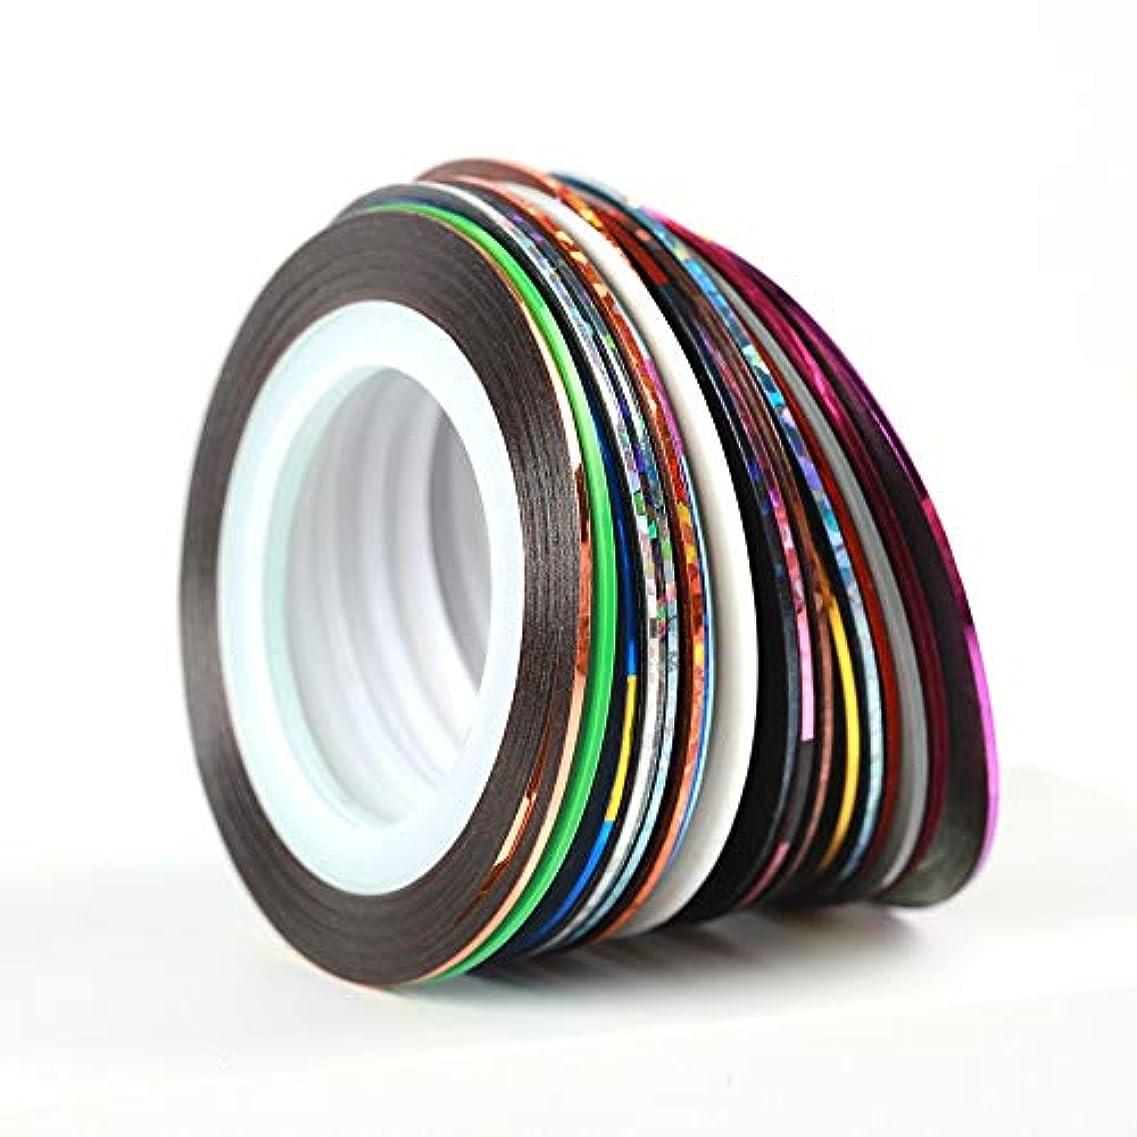 乞食人に関する限りホーン30个ストライピングテープラインネイルアートデコレーションステッカーDIYネイルステッカーミックス色ロールス